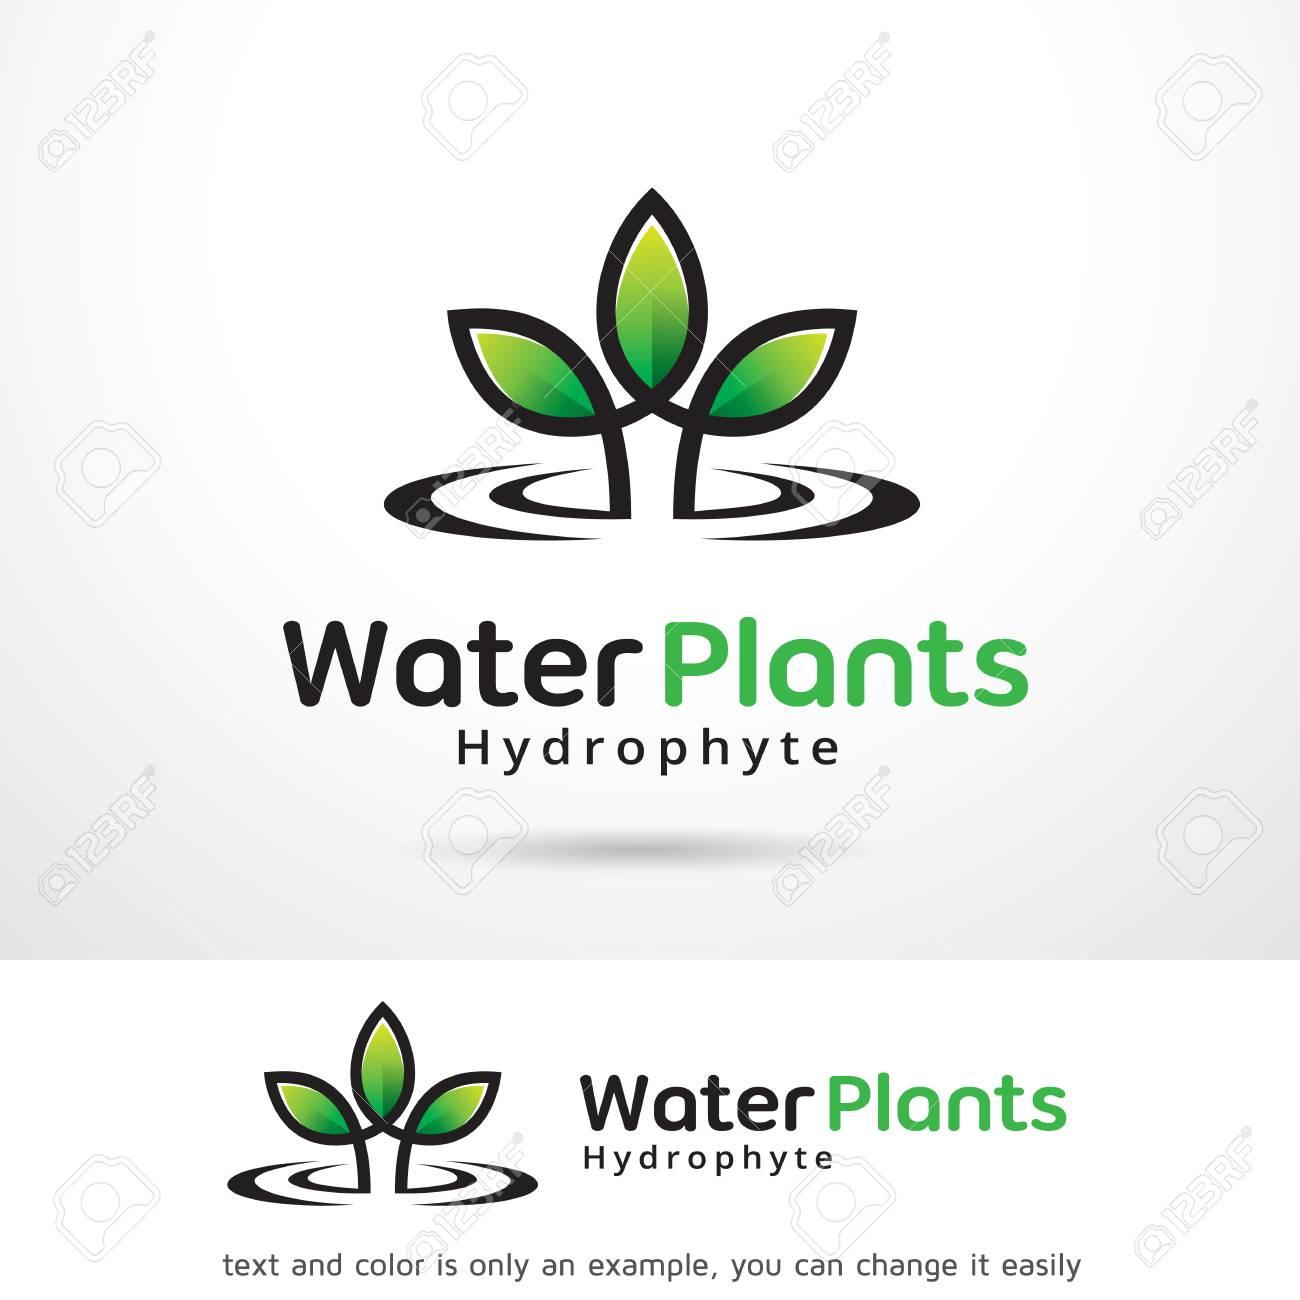 Diseño De Plantillas De Plantas De Agua Ilustraciones Vectoriales ...